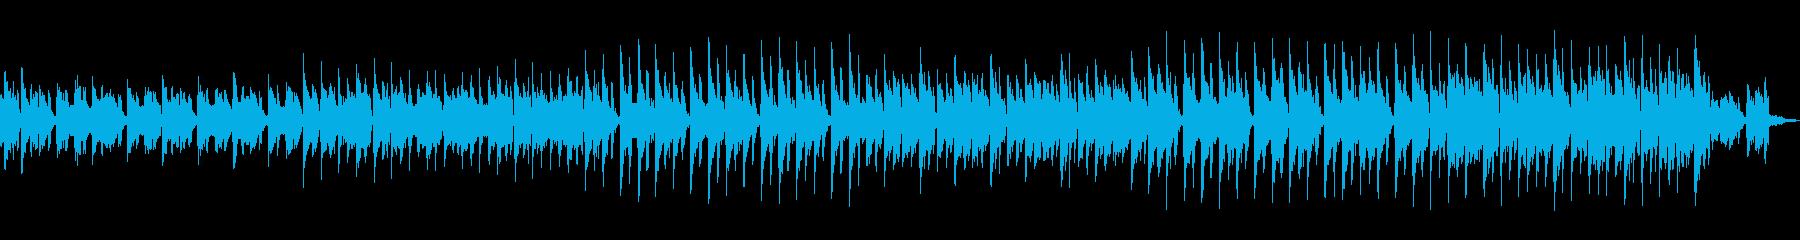 ファンタジックなポップスの再生済みの波形